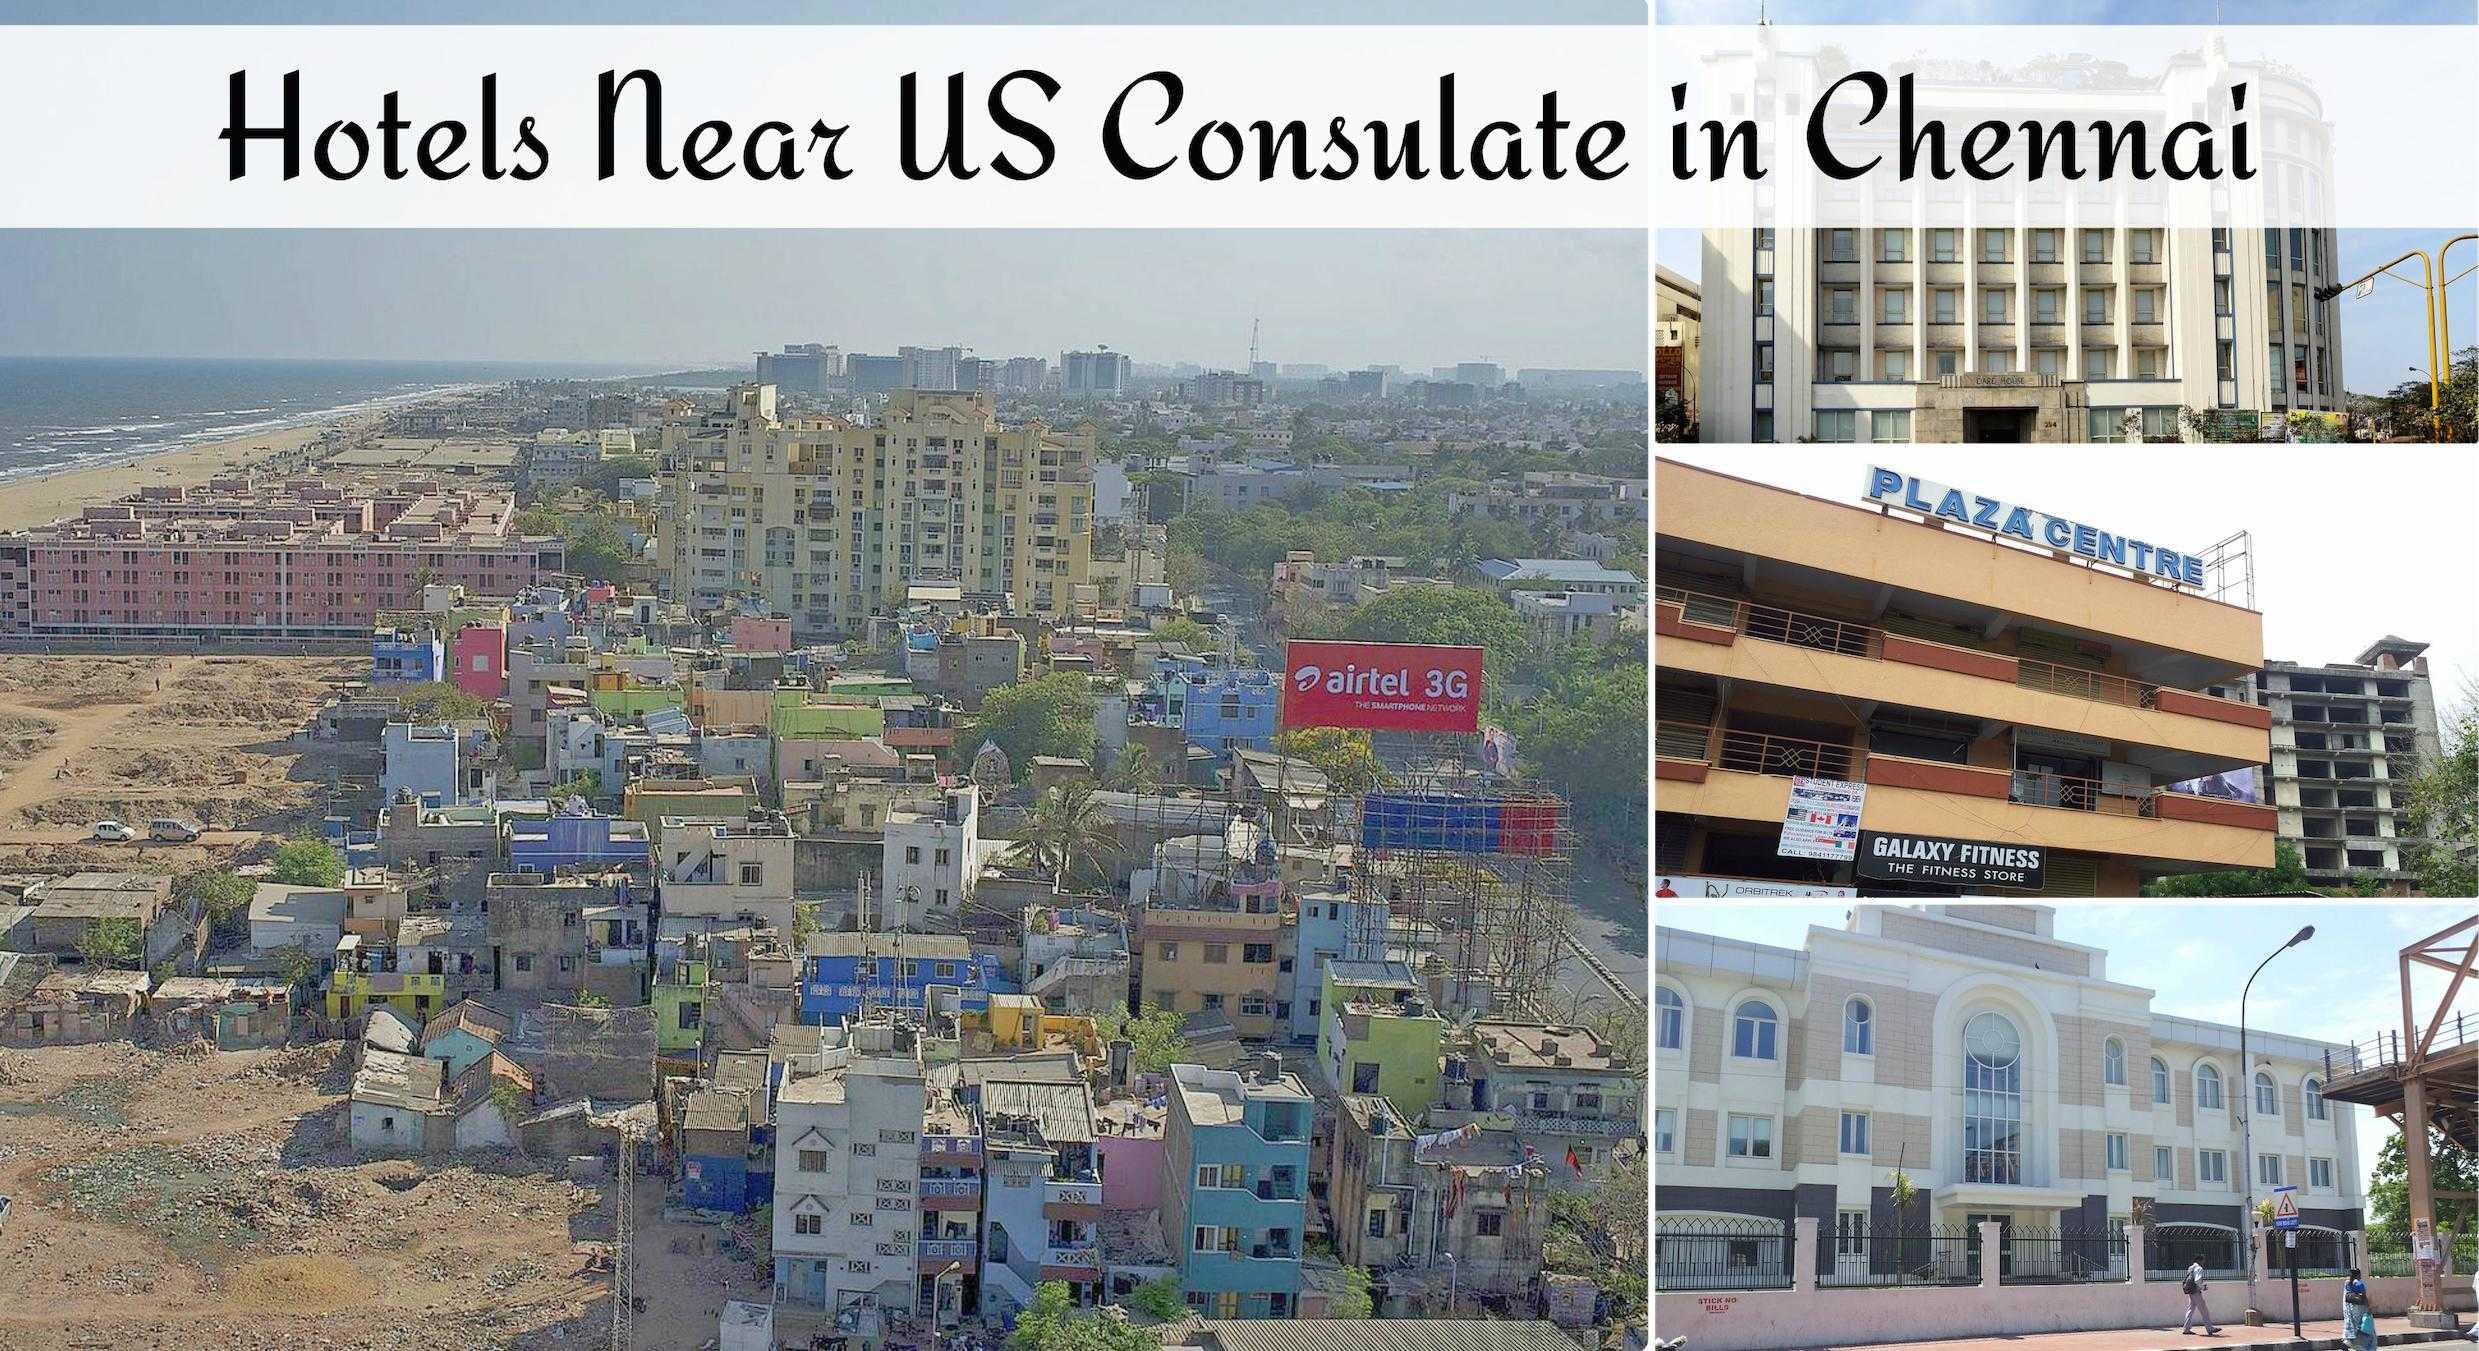 Hotels-near-US-Consulate-Chennai.jpg